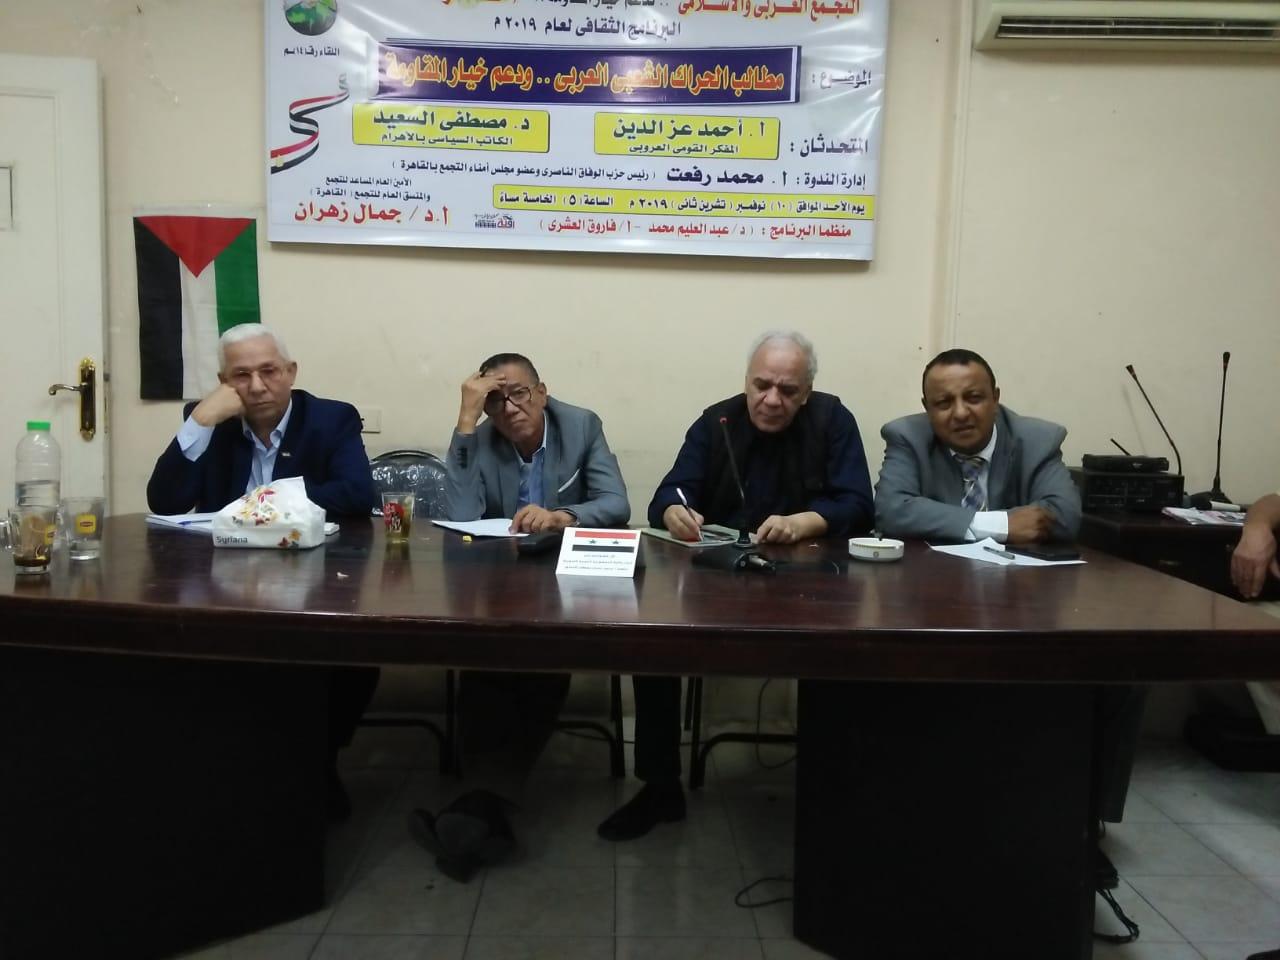 """ندوة في القاهرة : """"الحراك الشعبي العربي ودعم خيار المقاومة"""""""